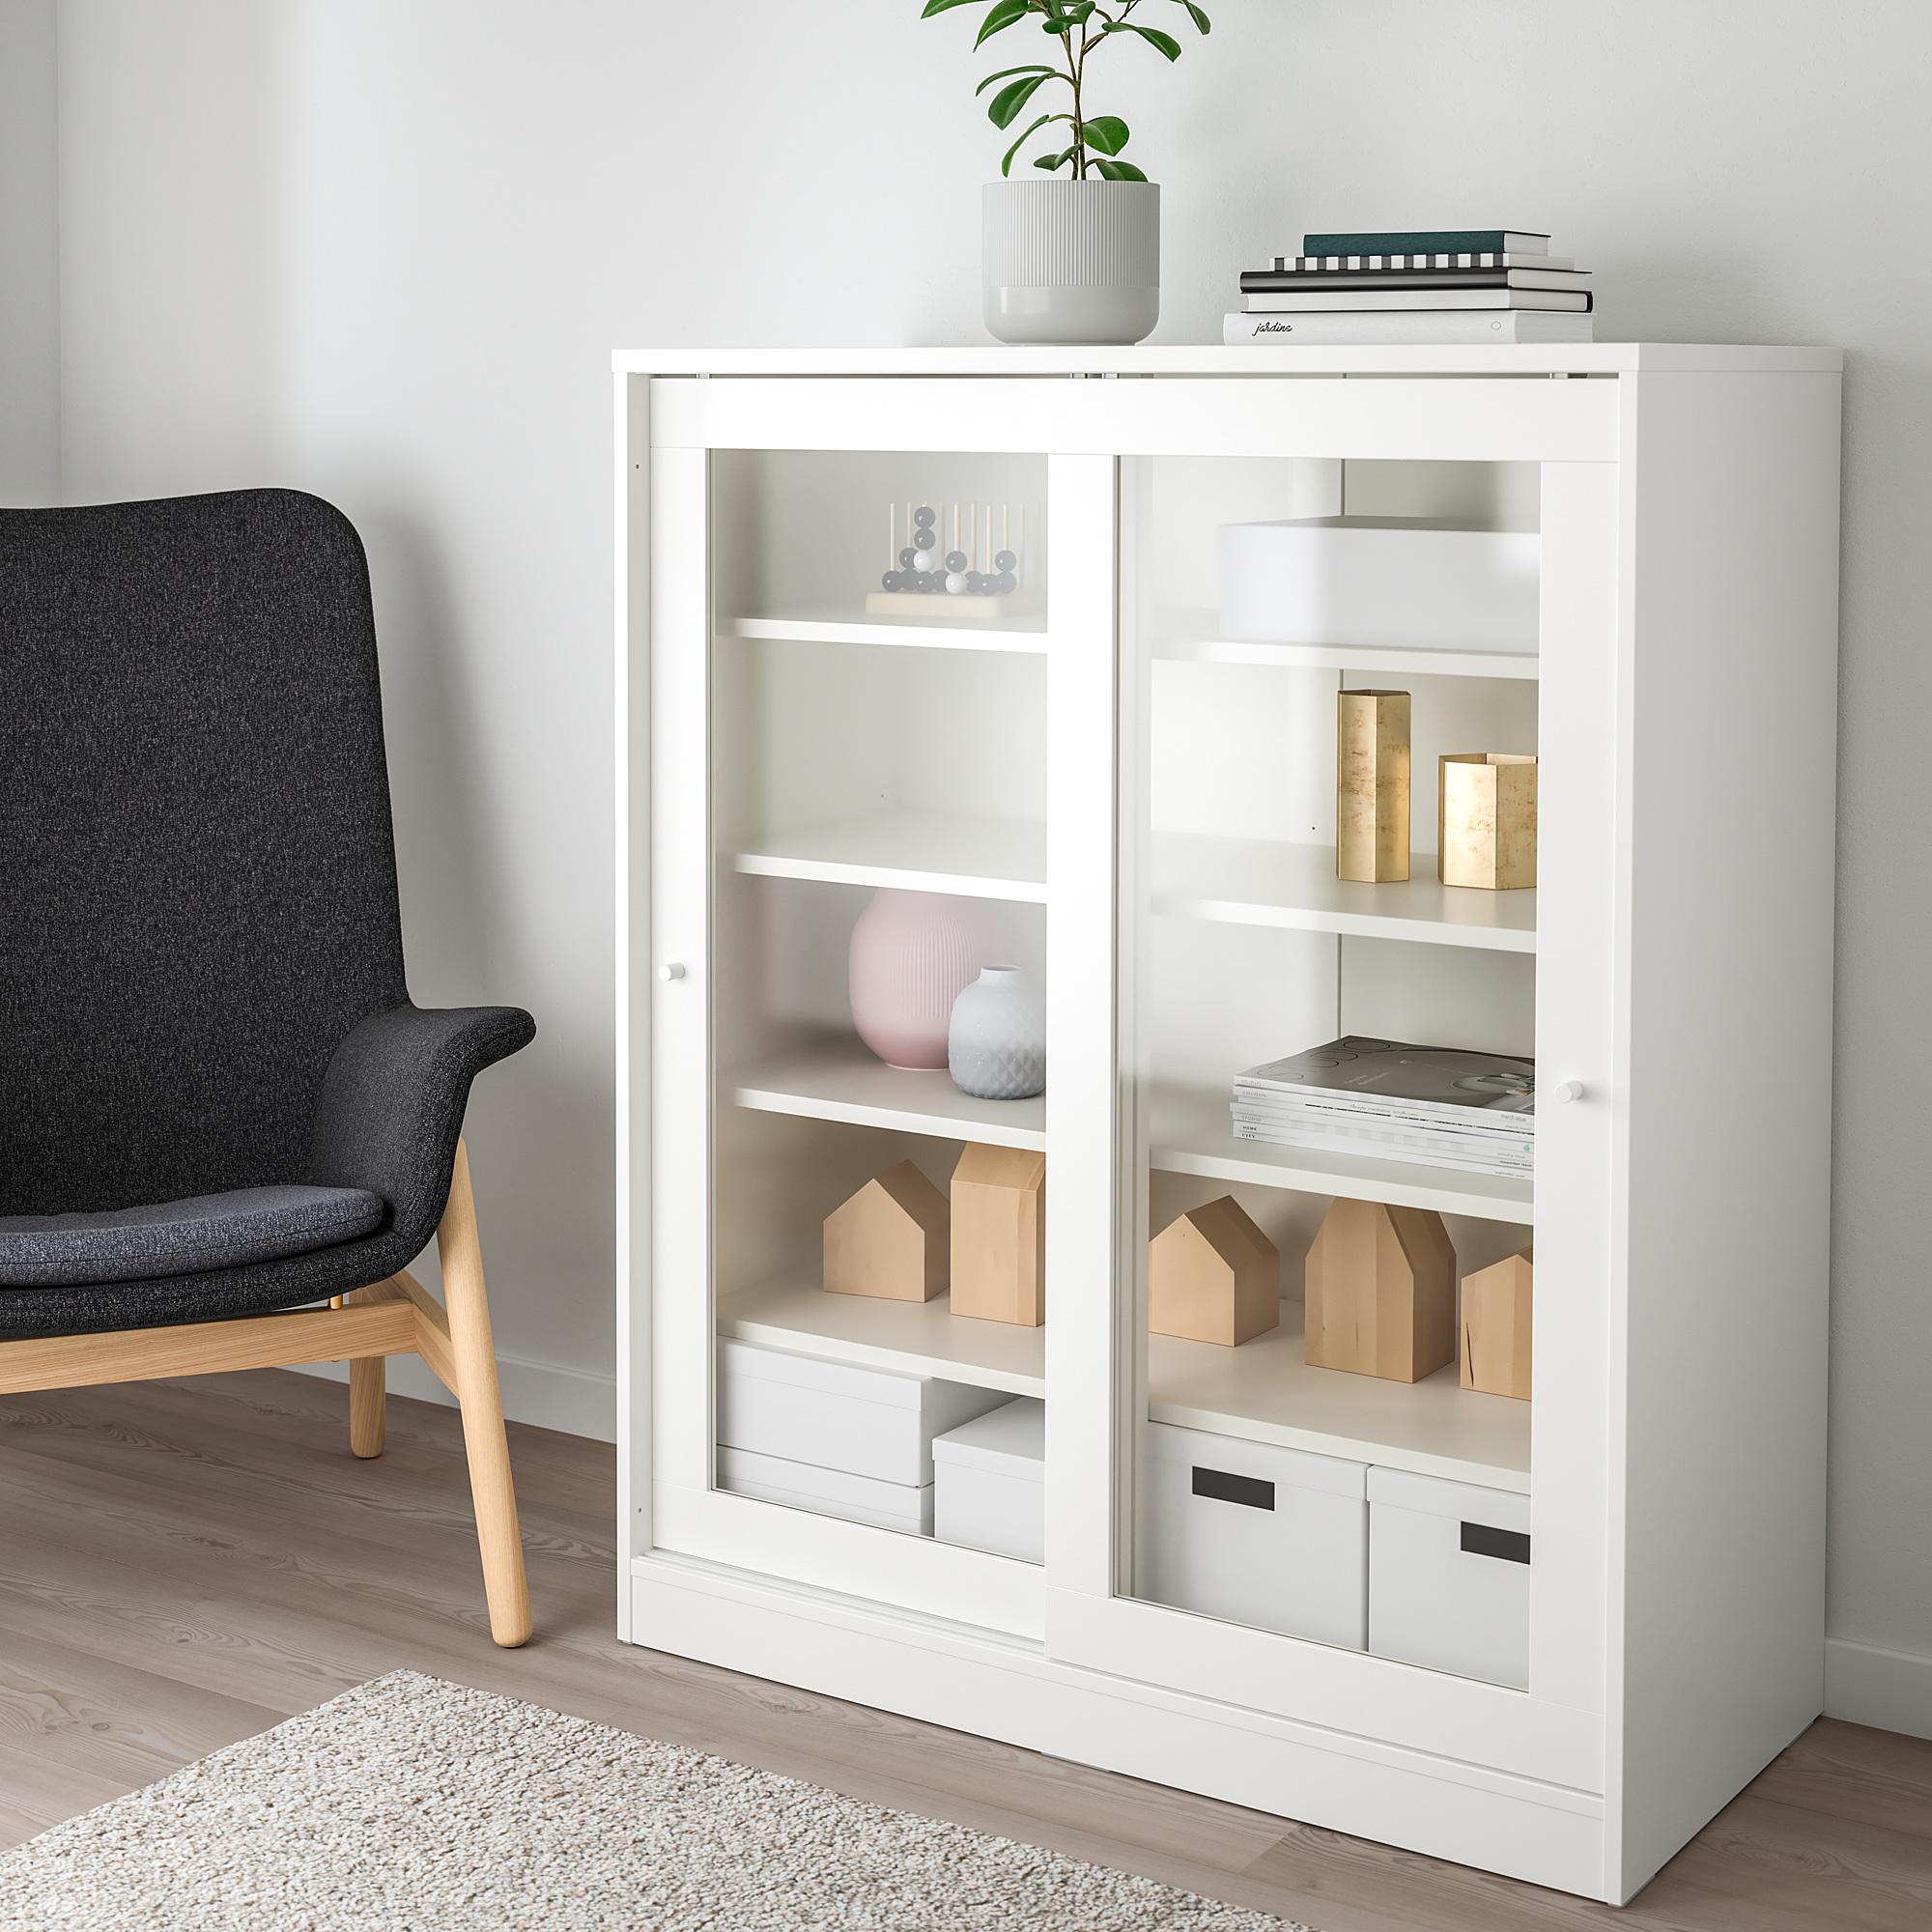 Syvde Kabinet Dengan Pintu Kaca Putih Ikea Indonesia